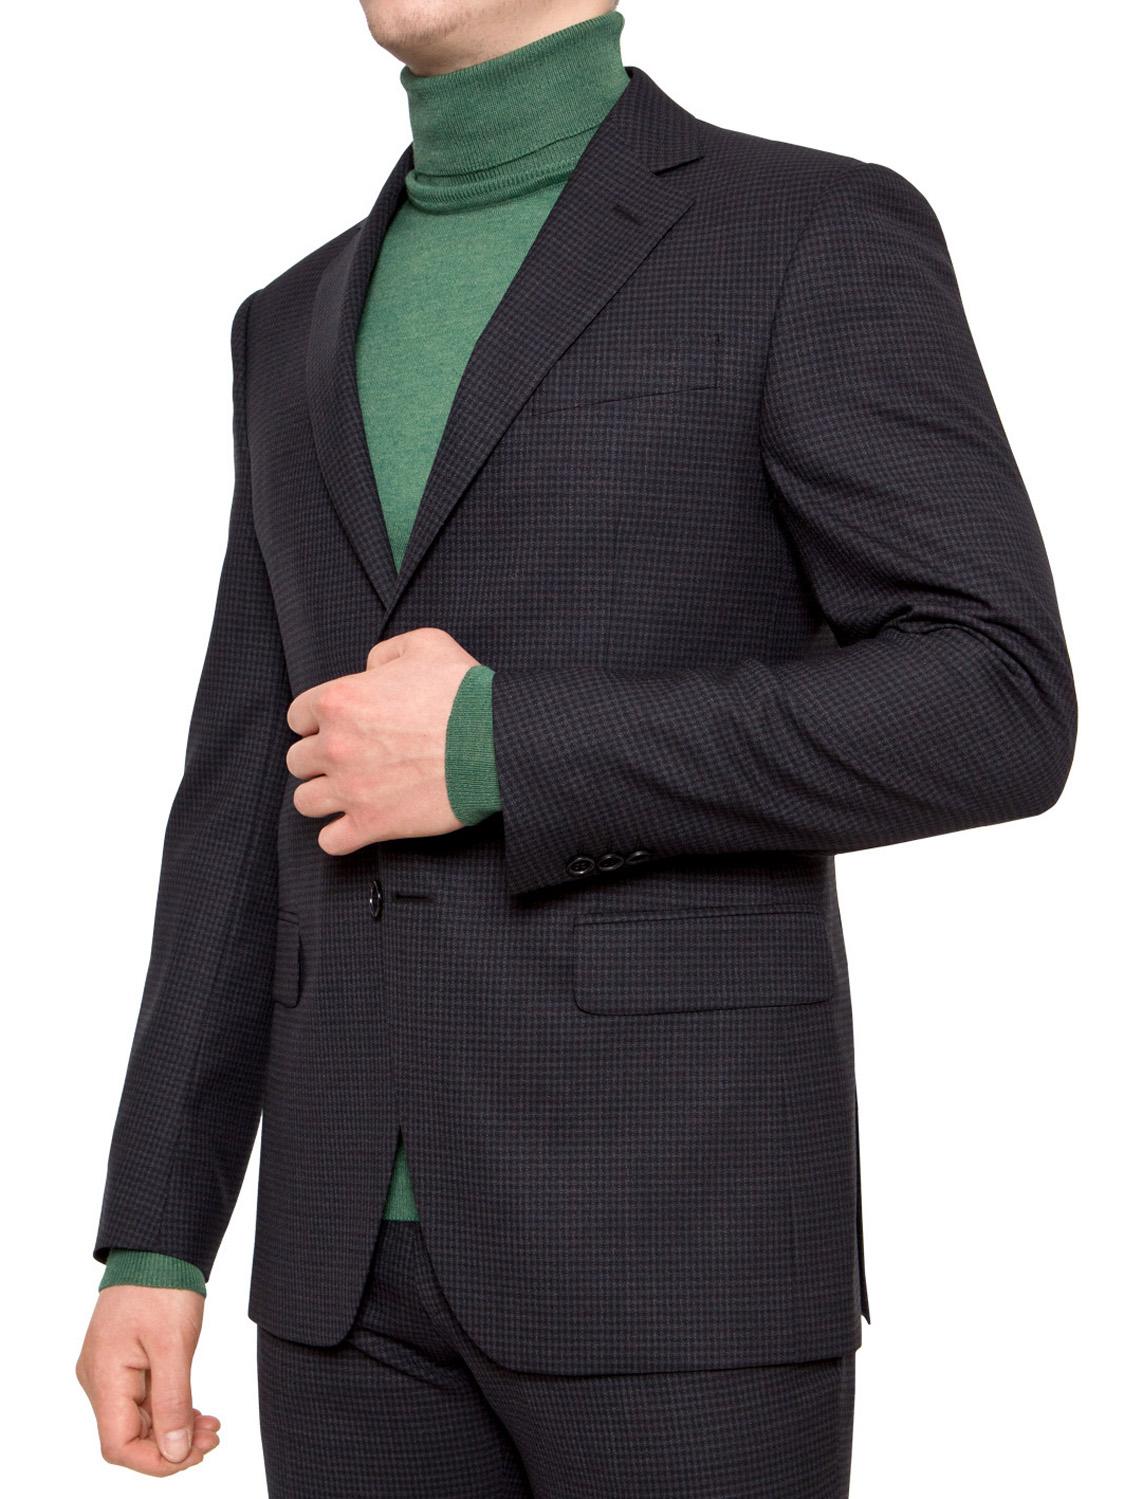 Интернет-магазин мужской одежды   Сеть магазинов мужской одежды ... 69be235e979